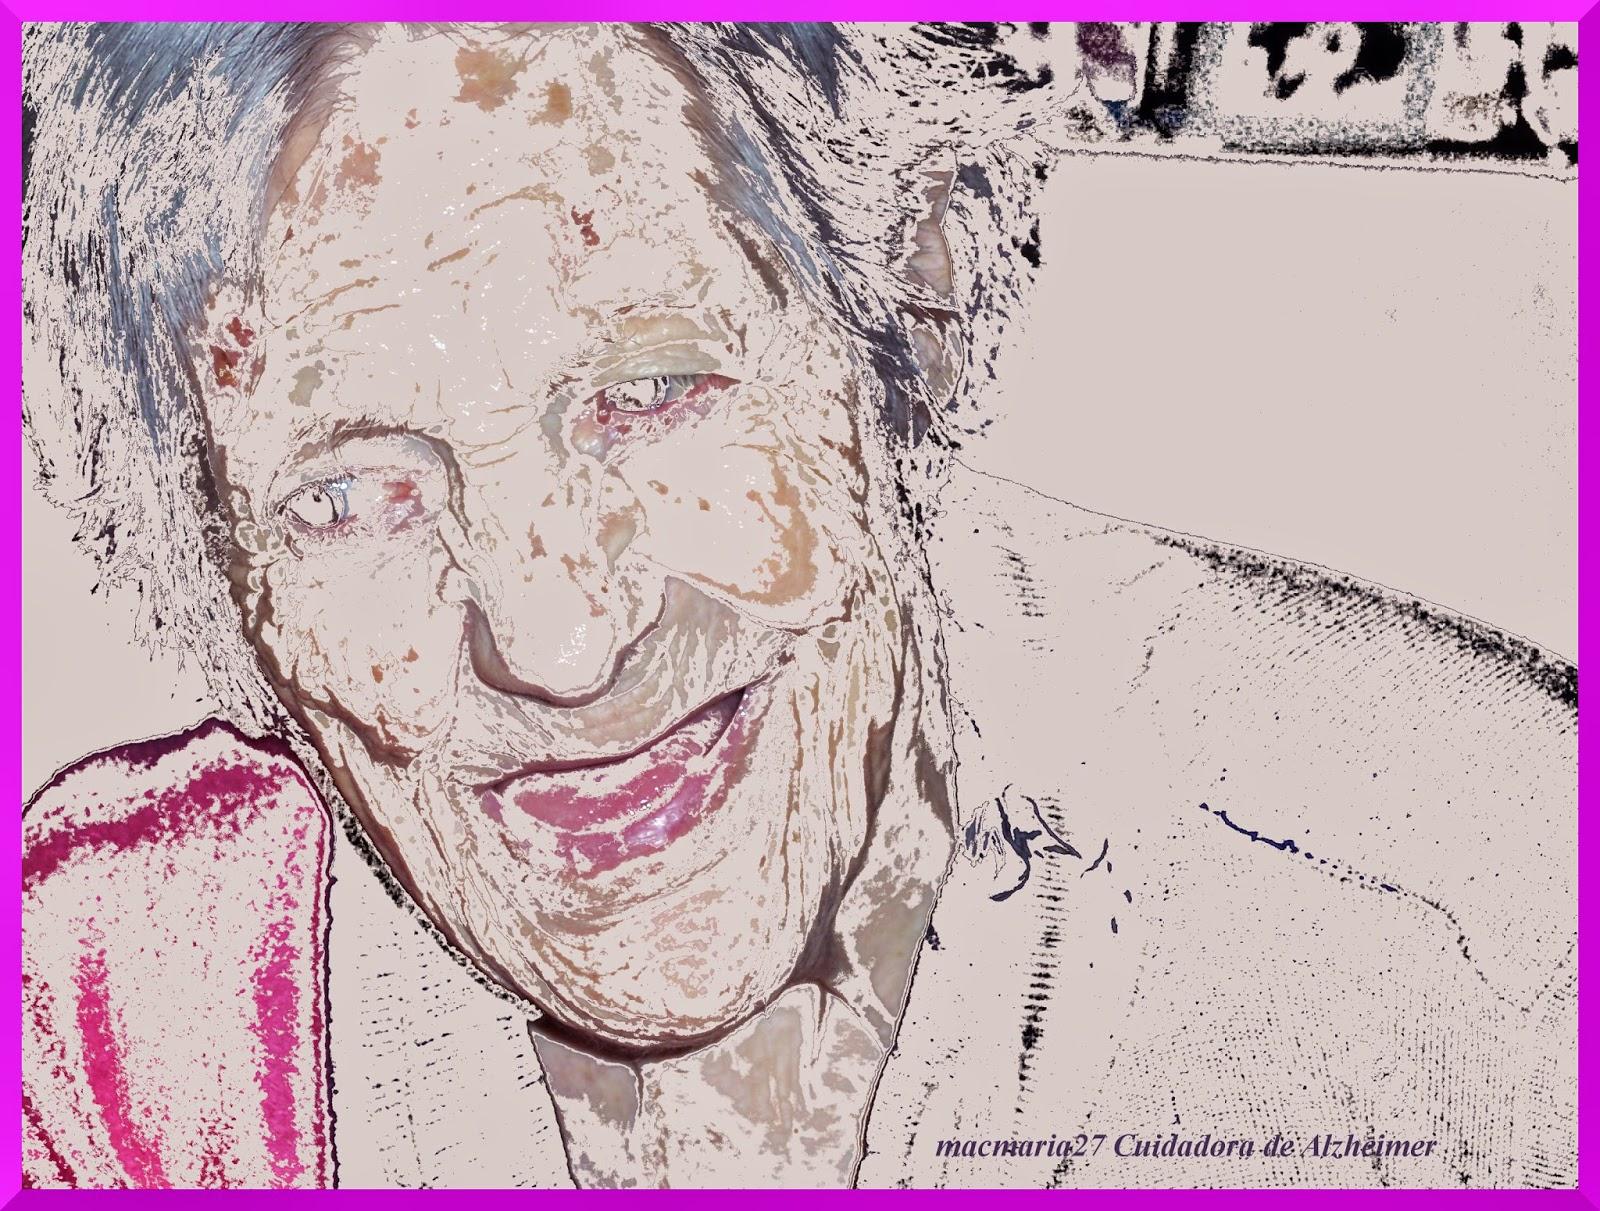 Recuperando mi salud..... @macmaria27 Ex Cuidadora Principal de Alzheimer